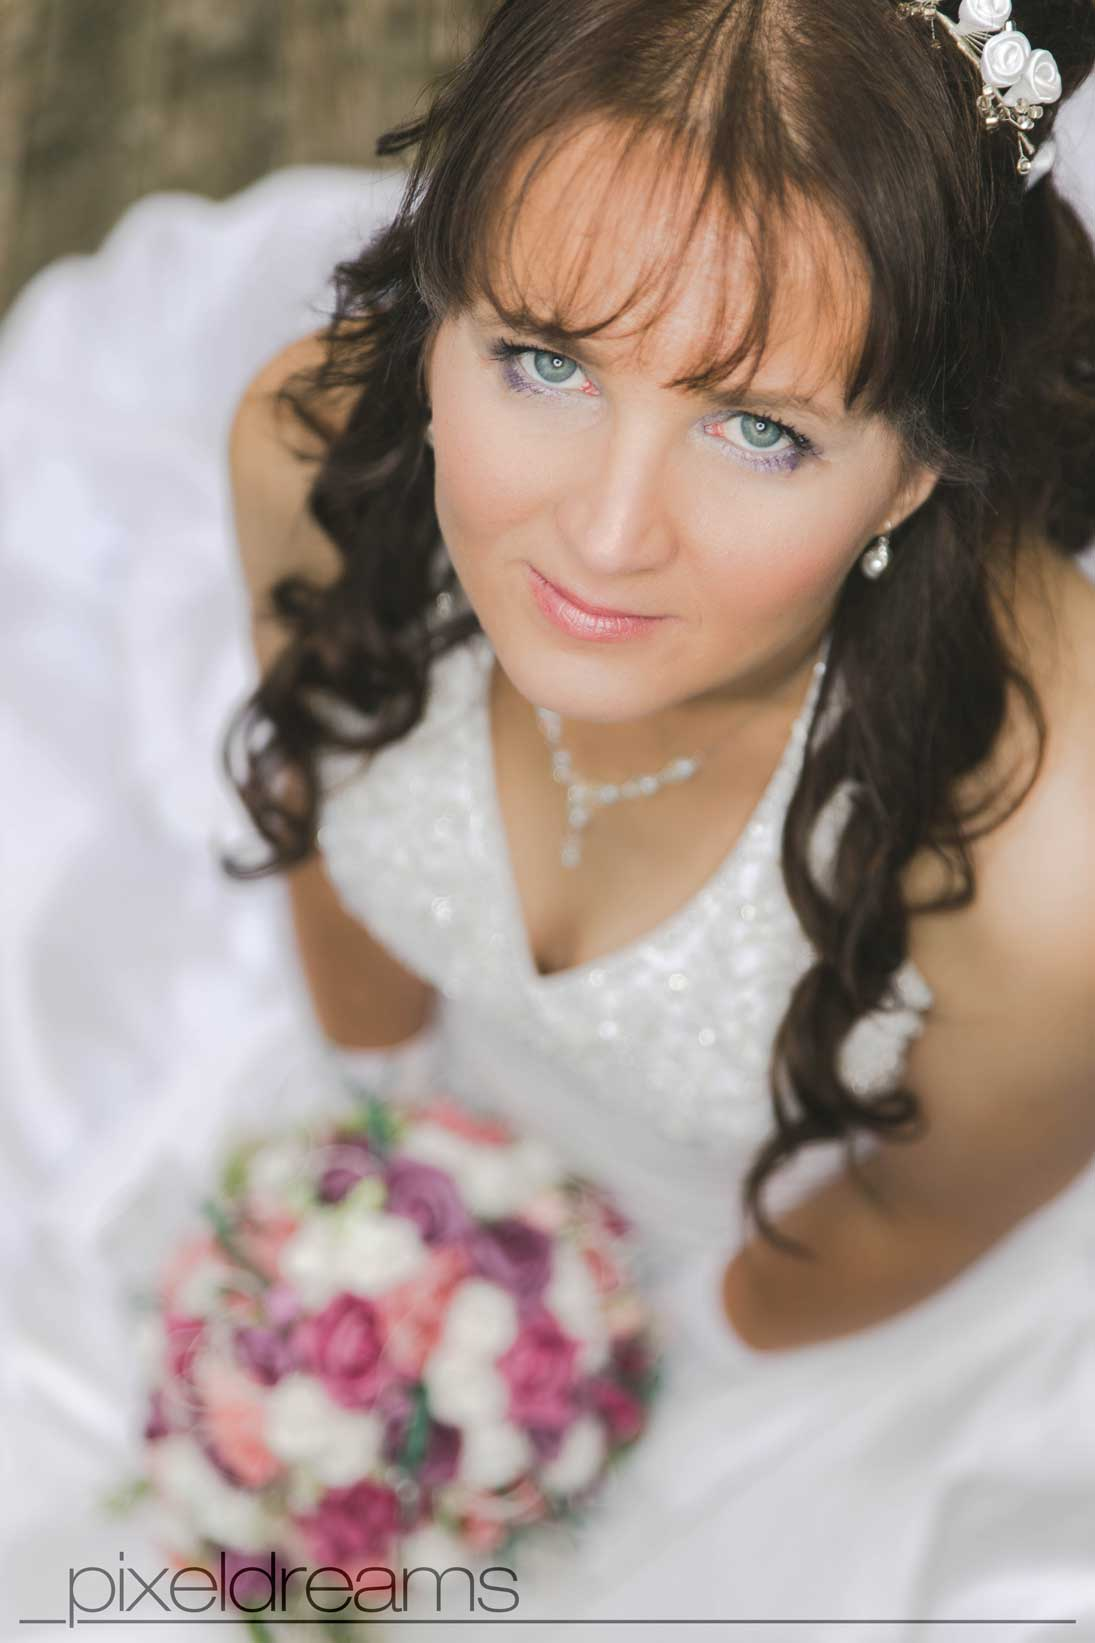 Braut mit Brautstrauß in pose. Der Hochzeitsfotograf nimmt eine erhöhte Vogelperspektive ein. Das Brautmakeup kommt hier gut zur Geltung.